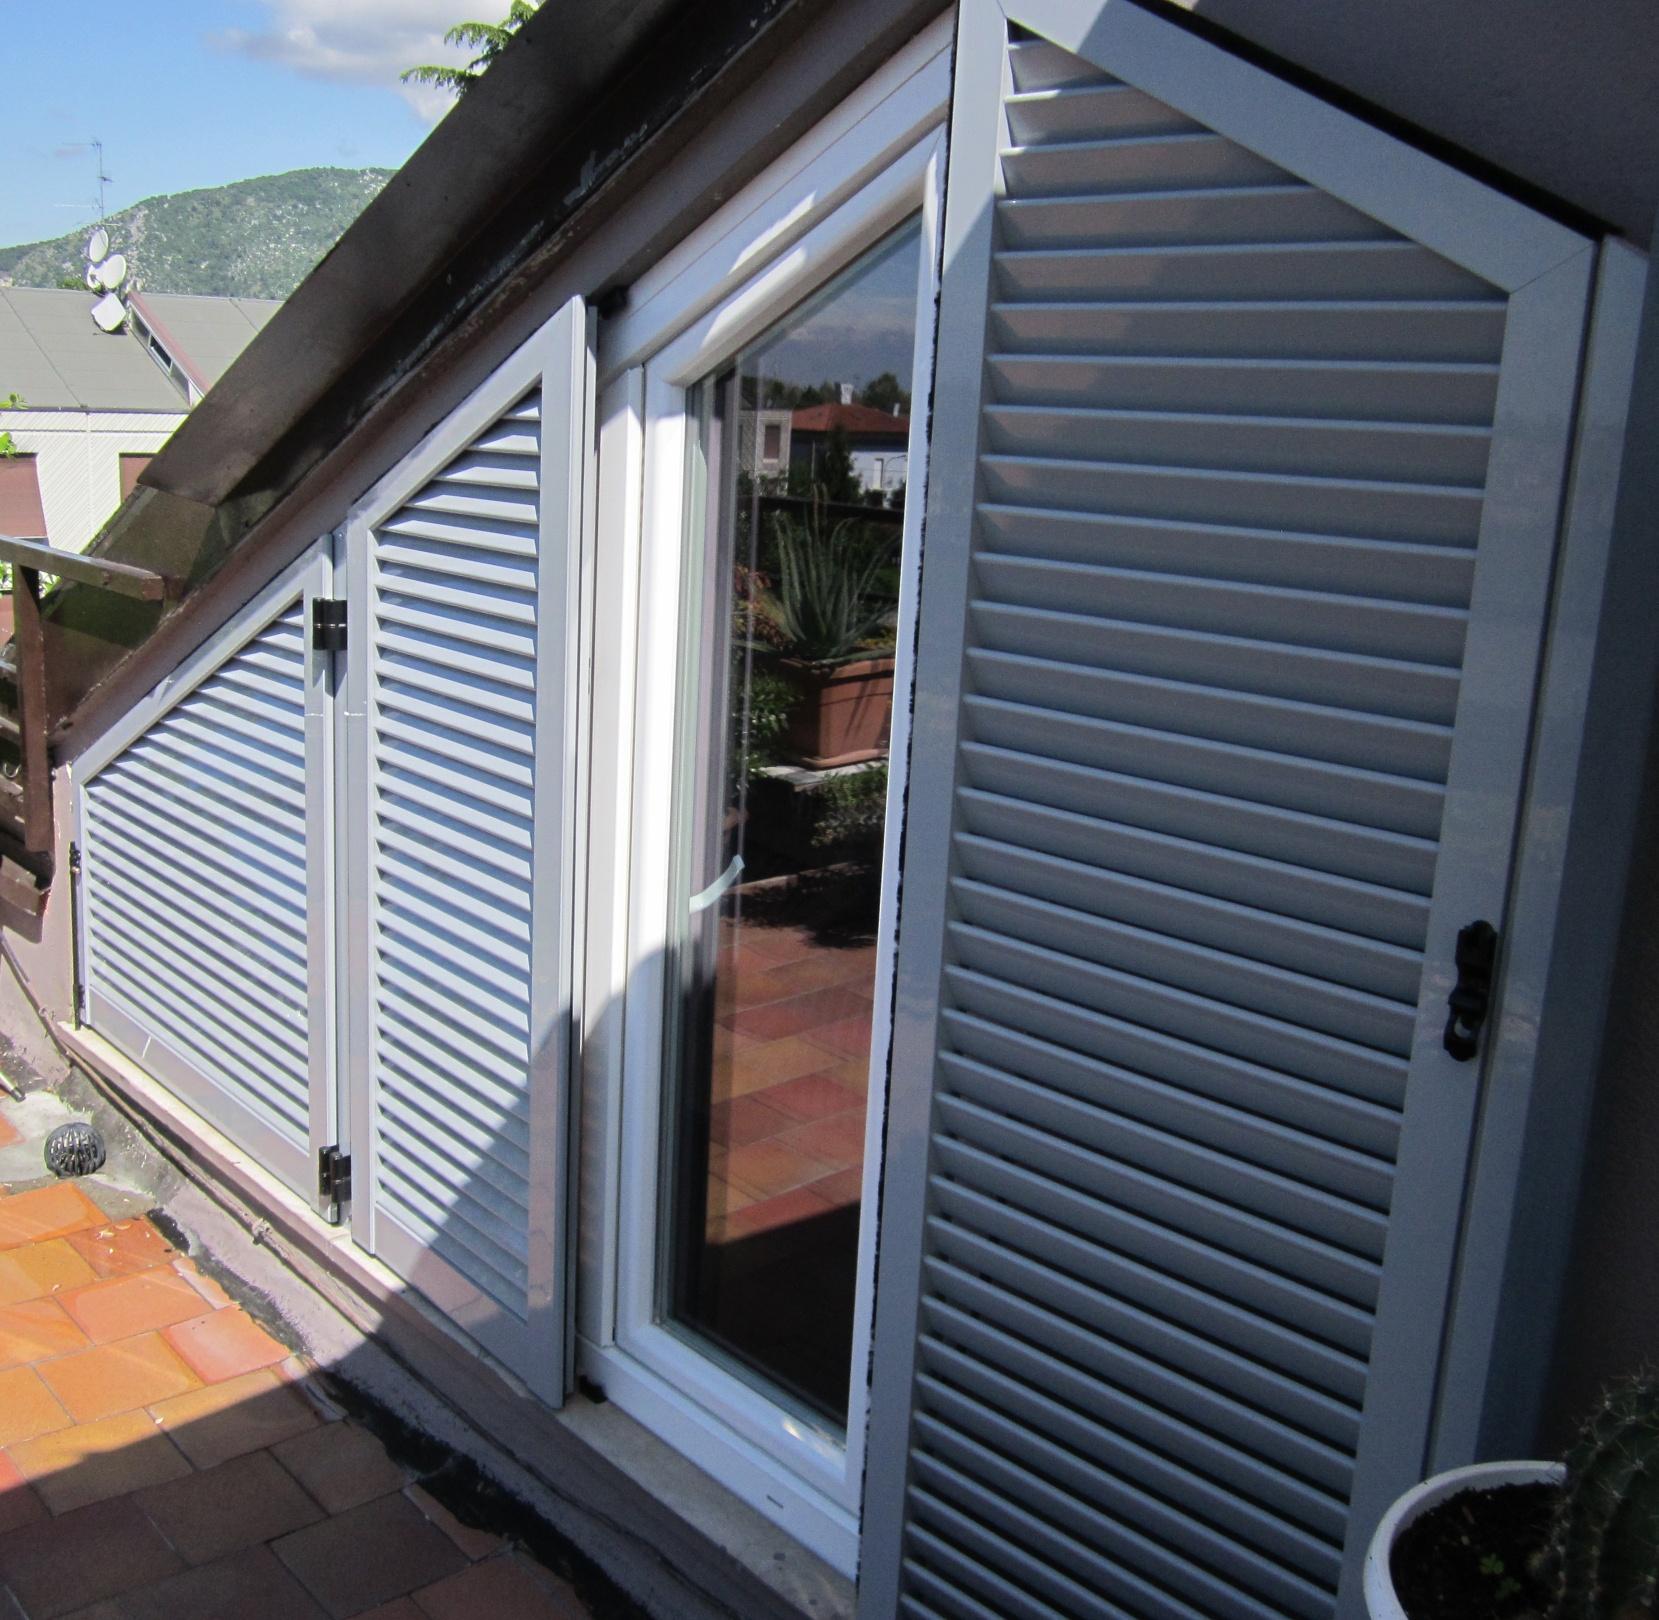 V8 serramenti porte brescia infissi e finestre in pvc for Serramenti in pvc brescia prezzi